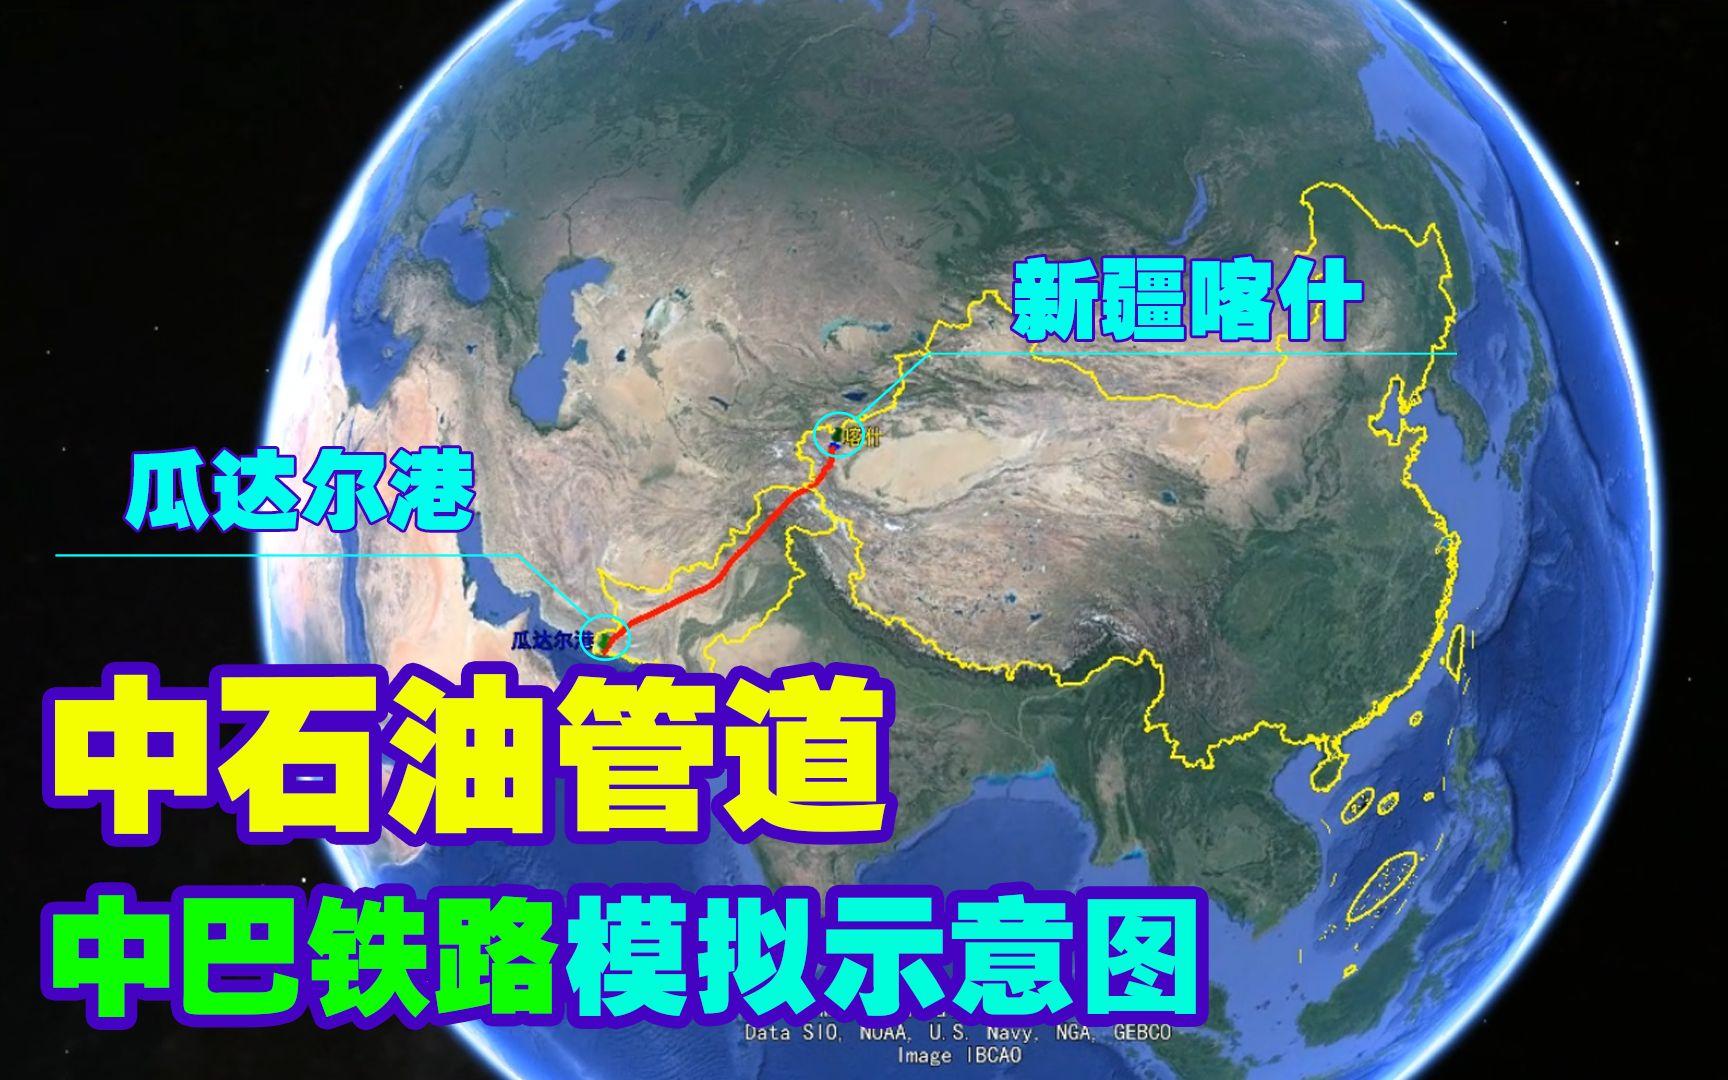 中国新疆喀什到巴基斯坦战略港口瓜达尔港,中国能否在此铺设石油管道?看完三维地形图,太复杂了!全是戈壁和高原!